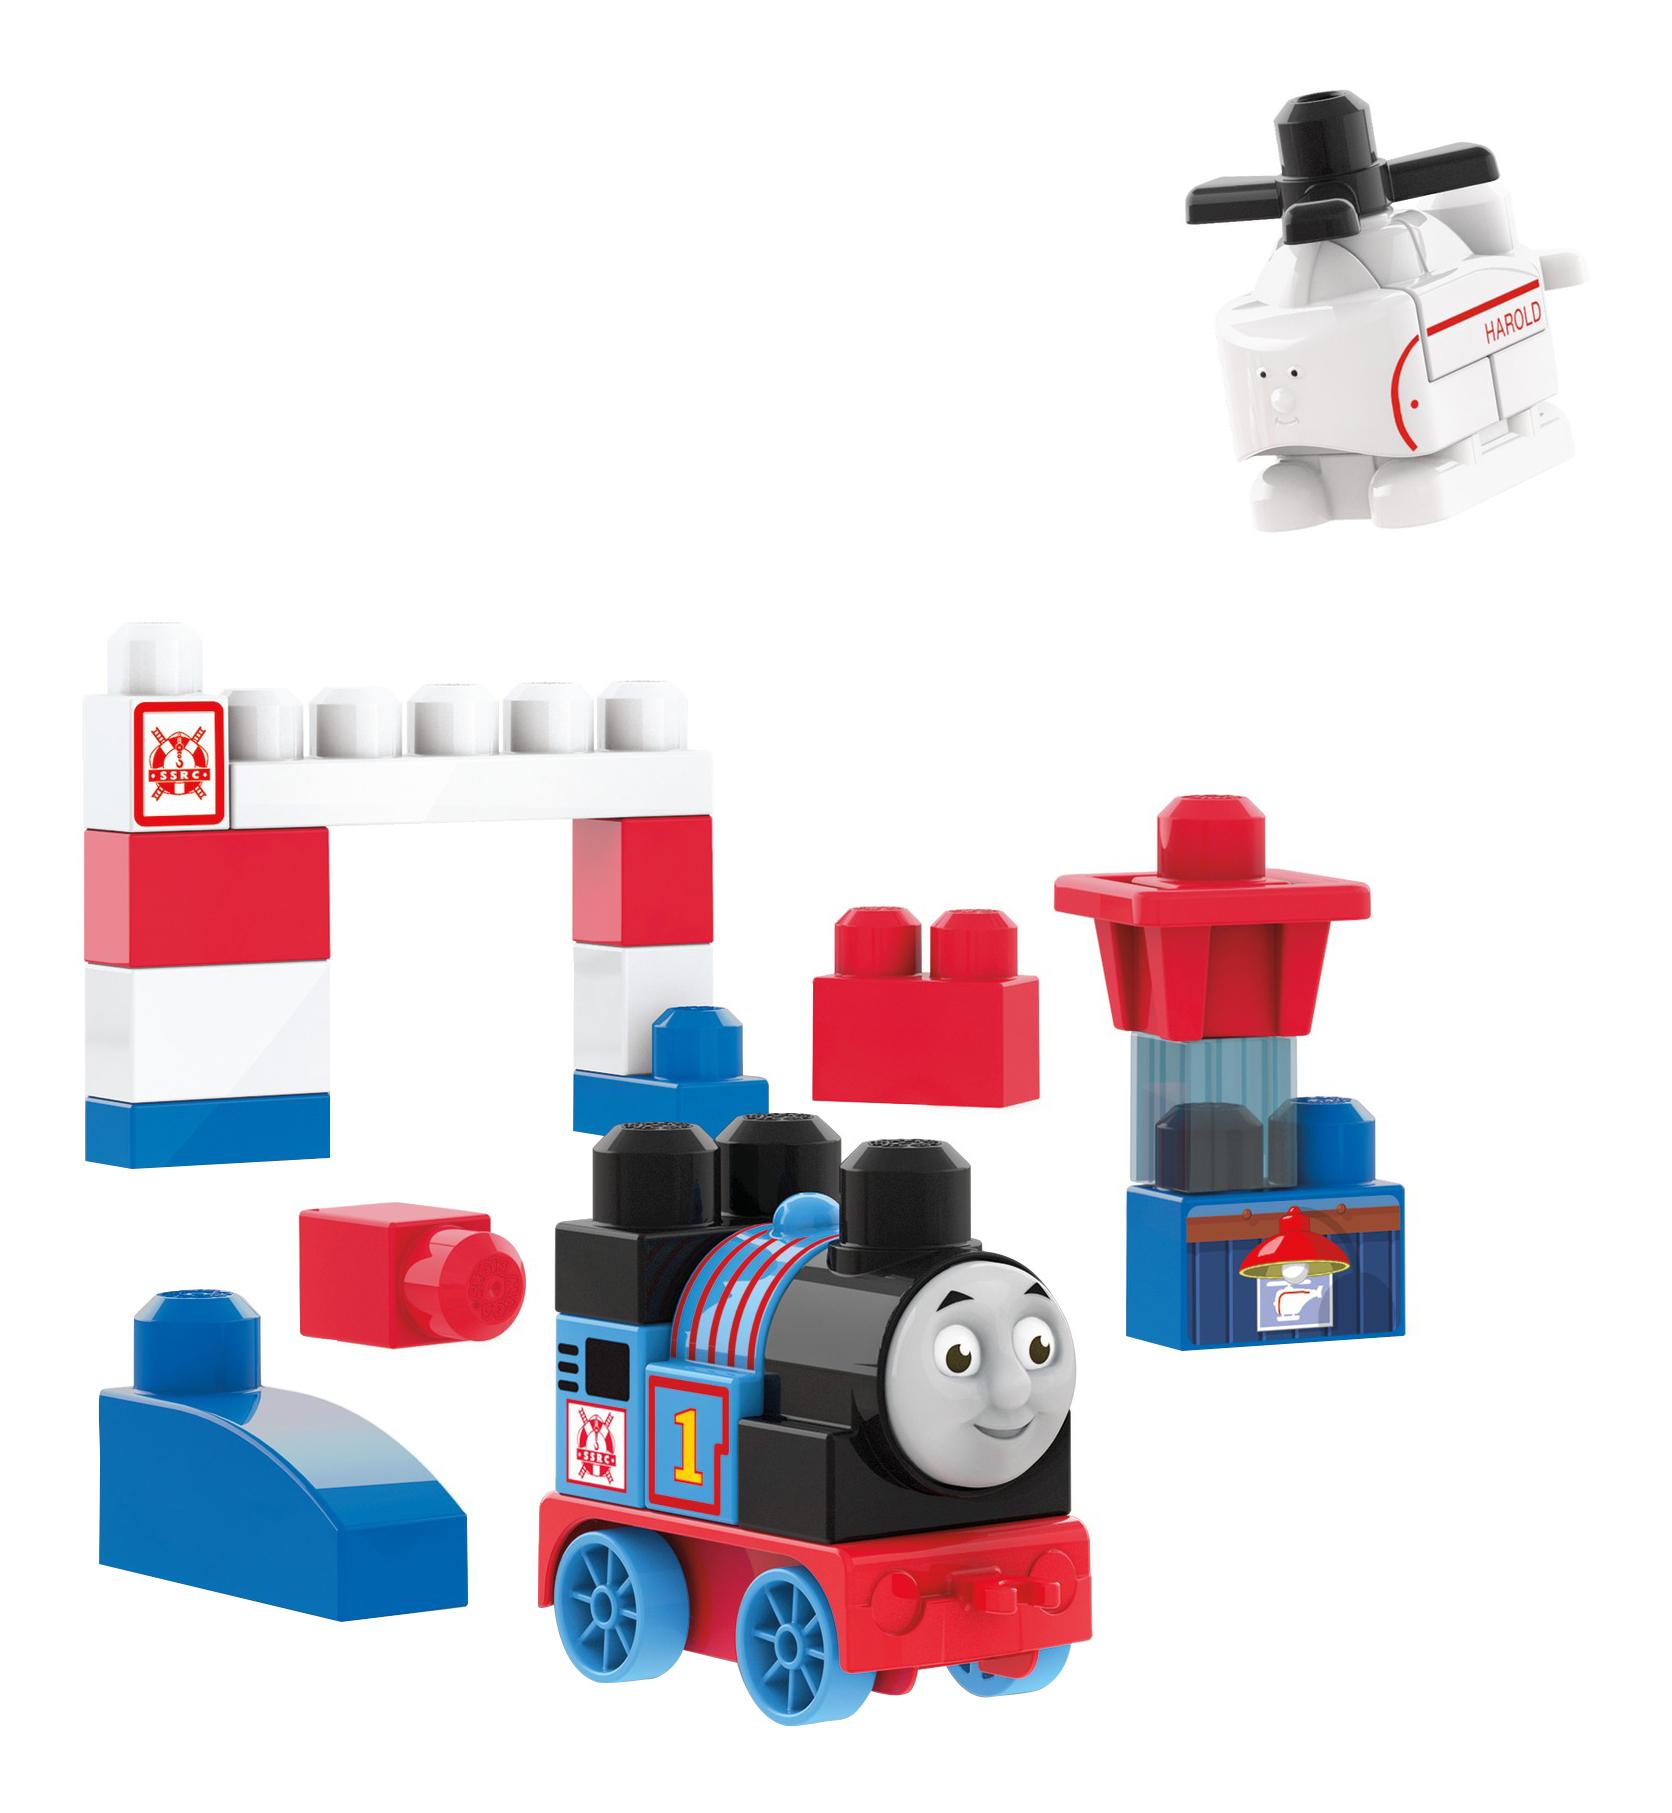 Конструктор Mega Bloks® Томас и друзья: Томас и Гарольд DXH55 фото